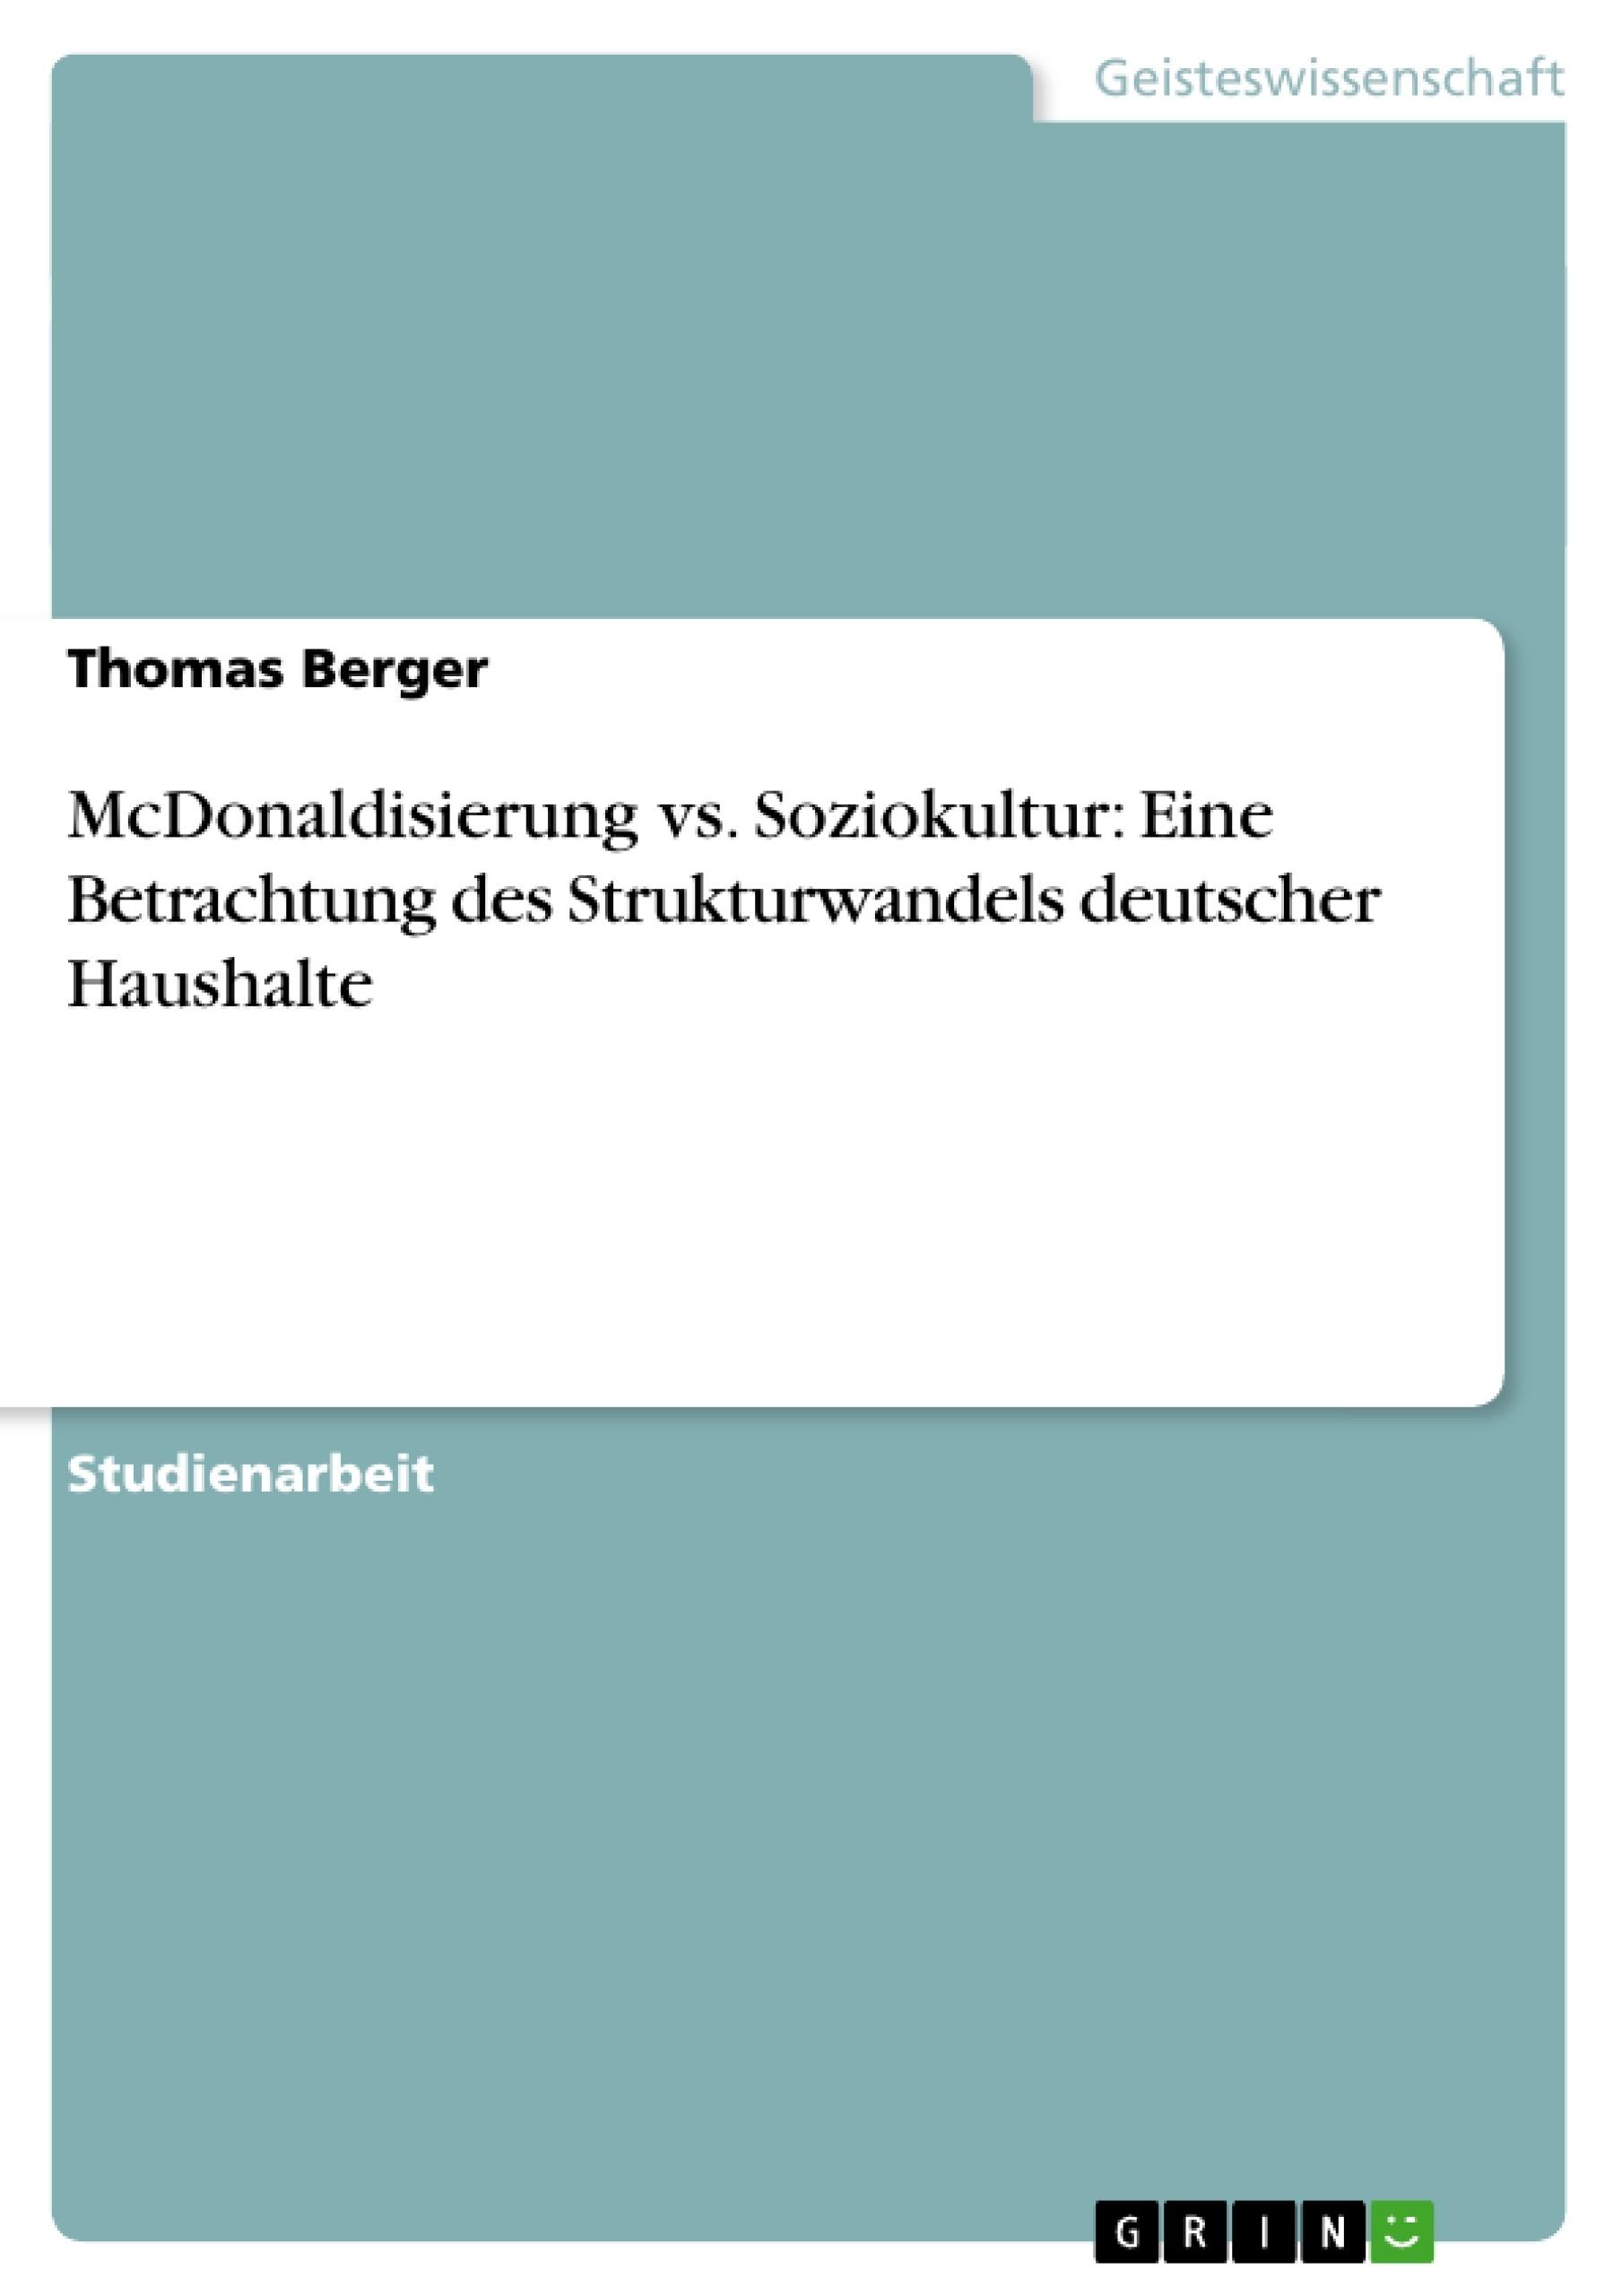 Titel: McDonaldisierung vs. Soziokultur: Eine Betrachtung des Strukturwandels deutscher Haushalte